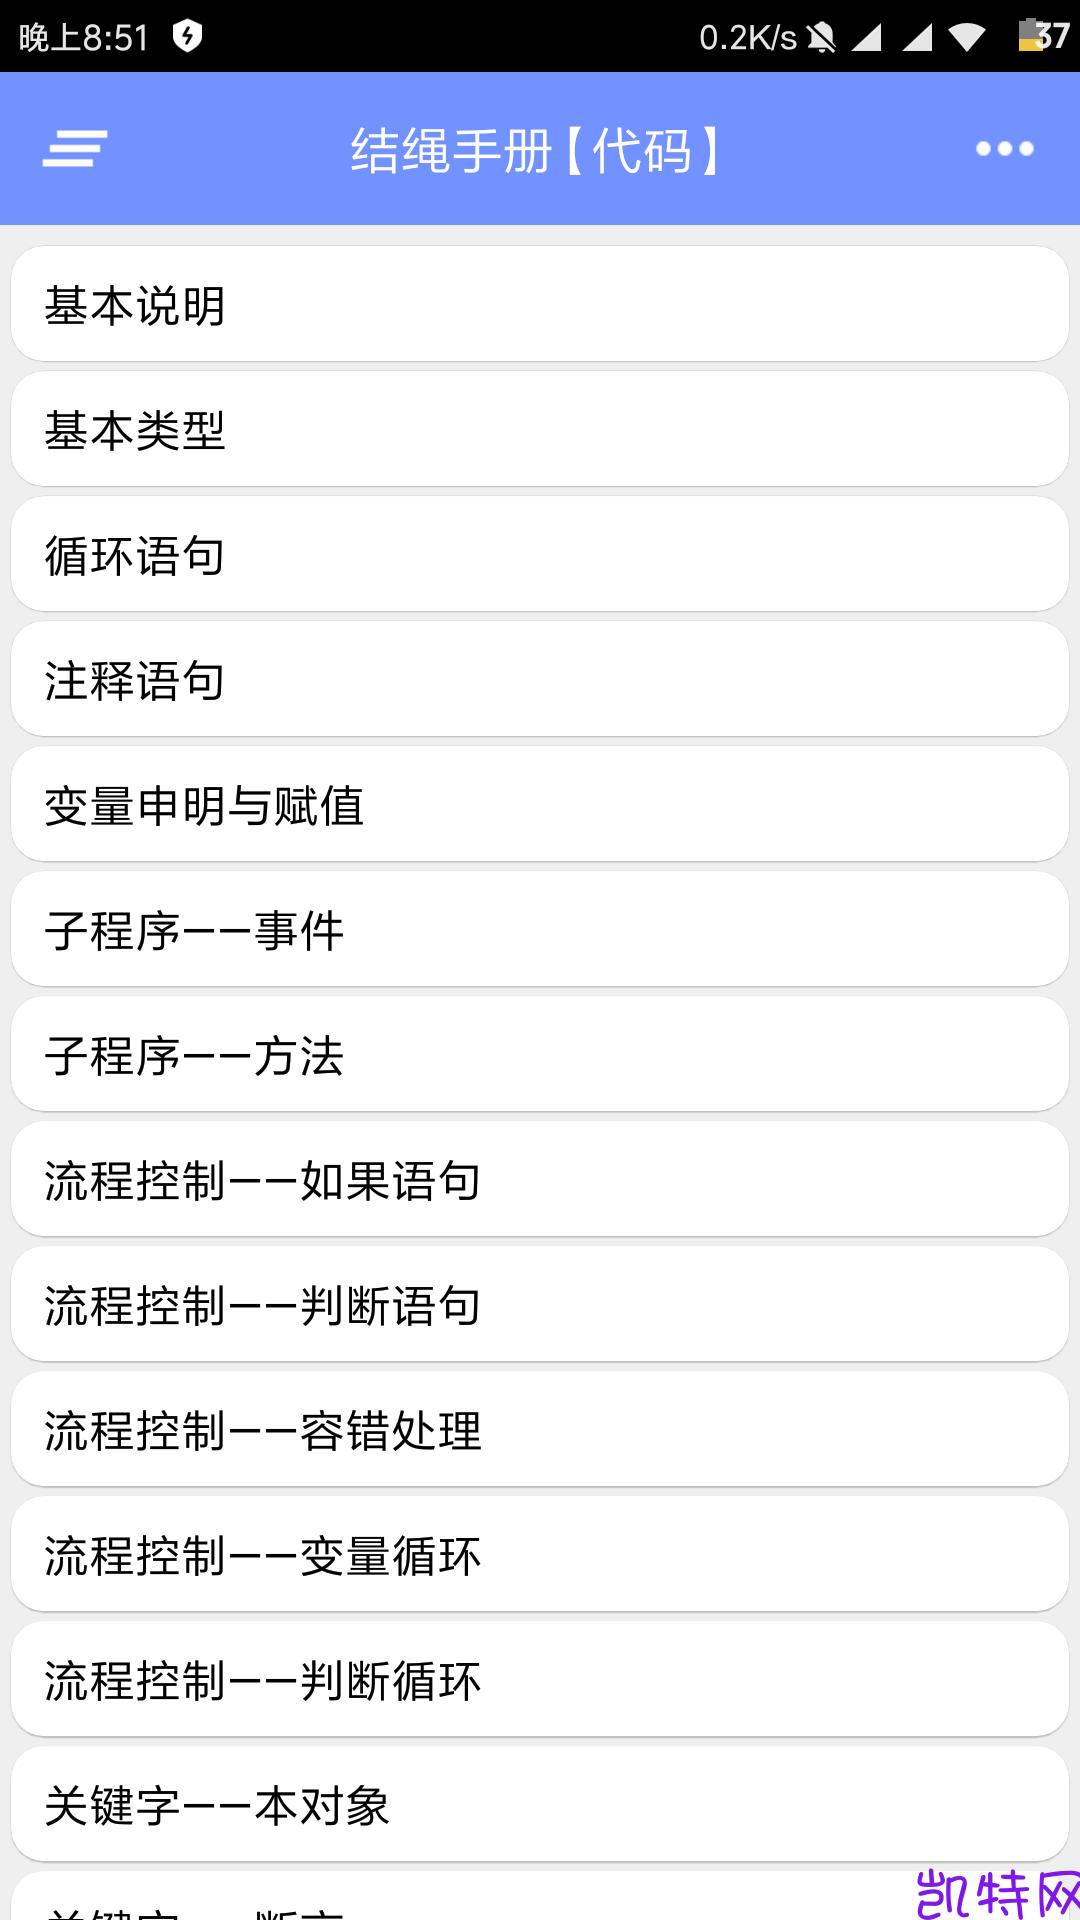 【原创软件】结绳手册1.11正式版 中文编程开发工具